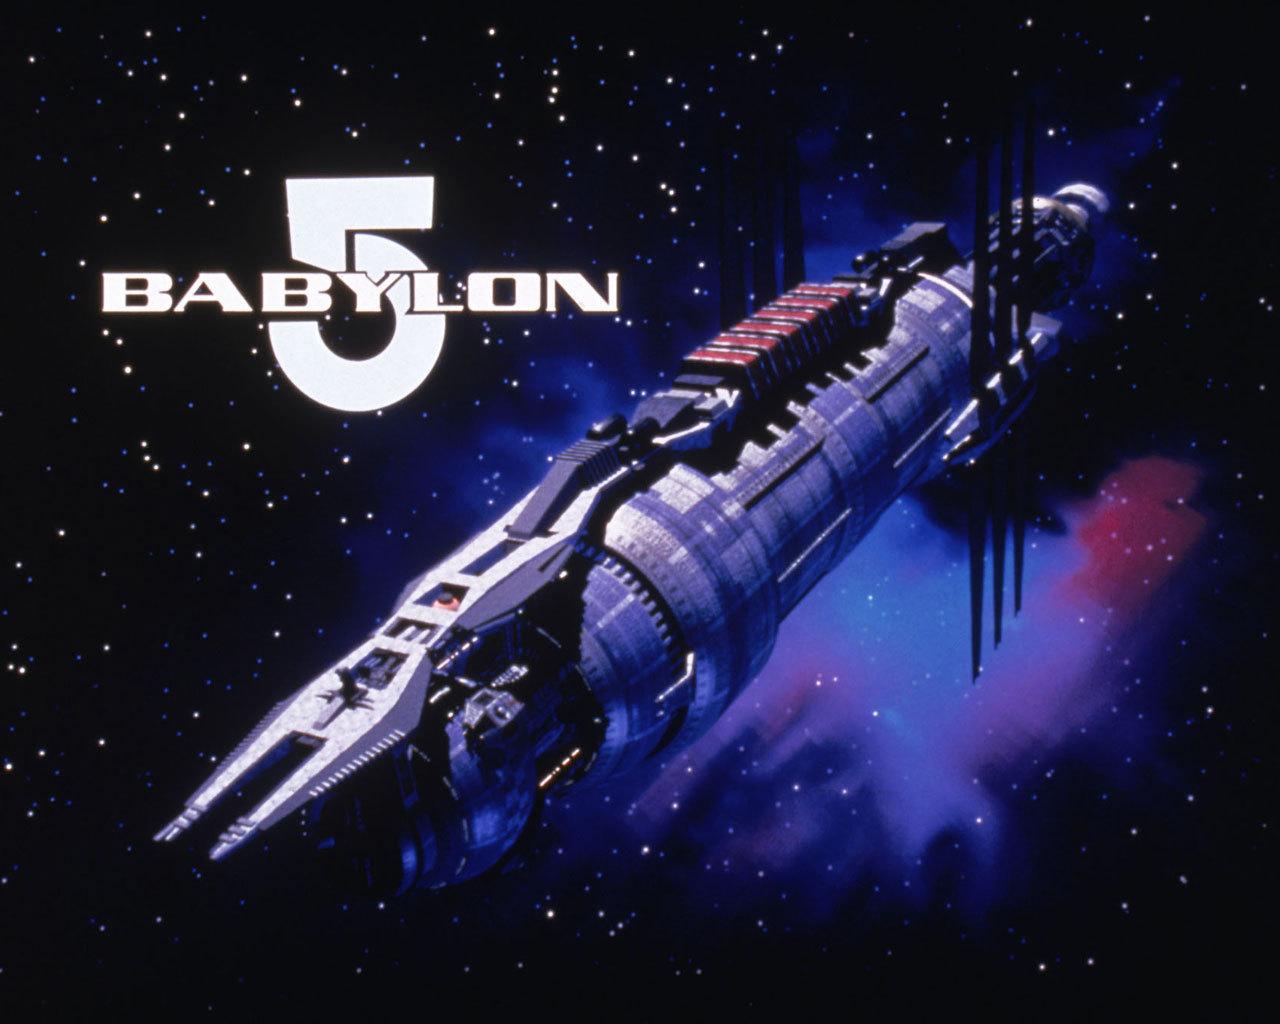 Babylon 5 #3